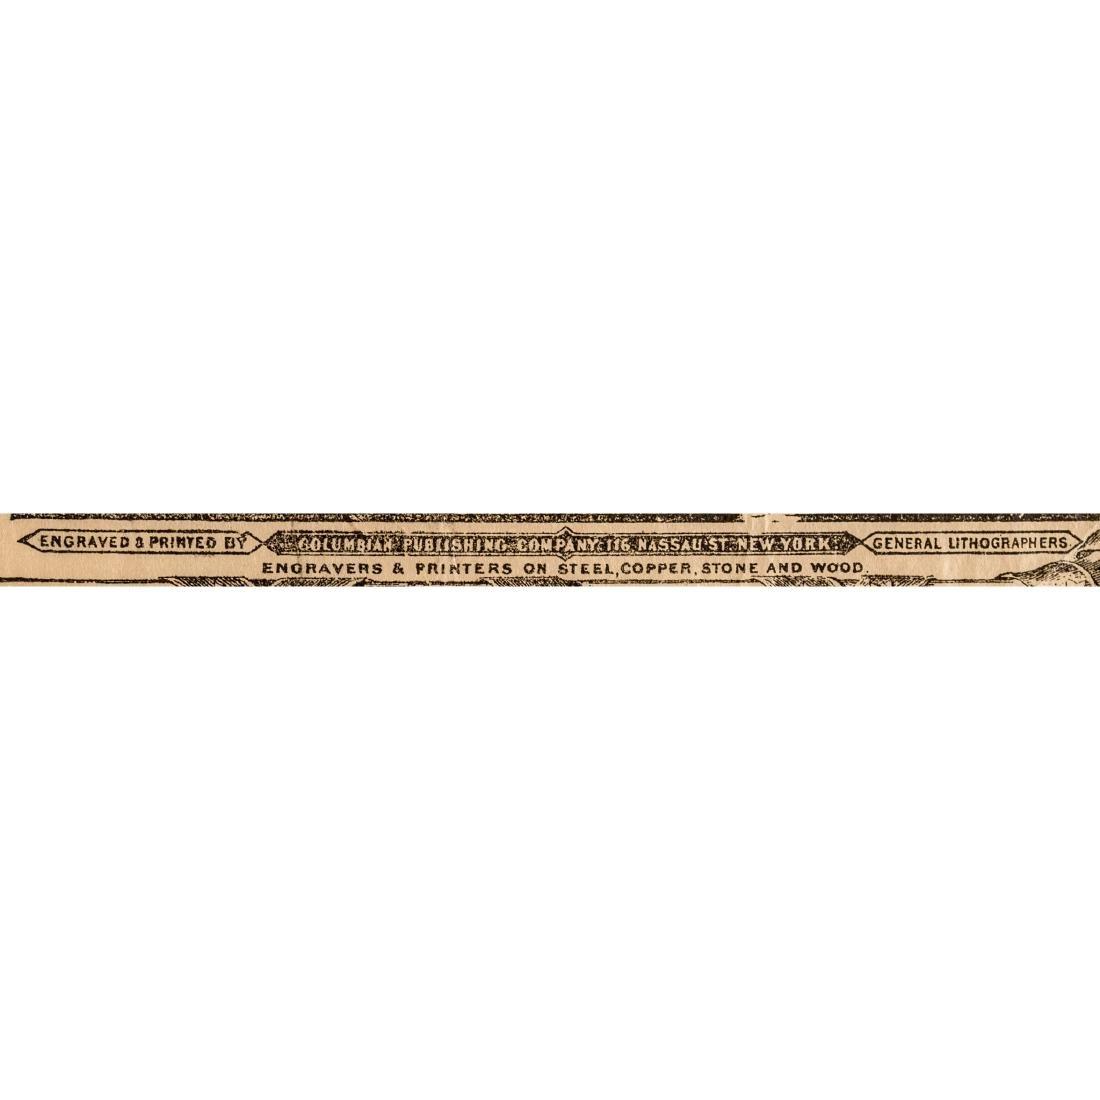 DECLARATION OF INDEPENDENCE 1876 Advt. Broadside - 4